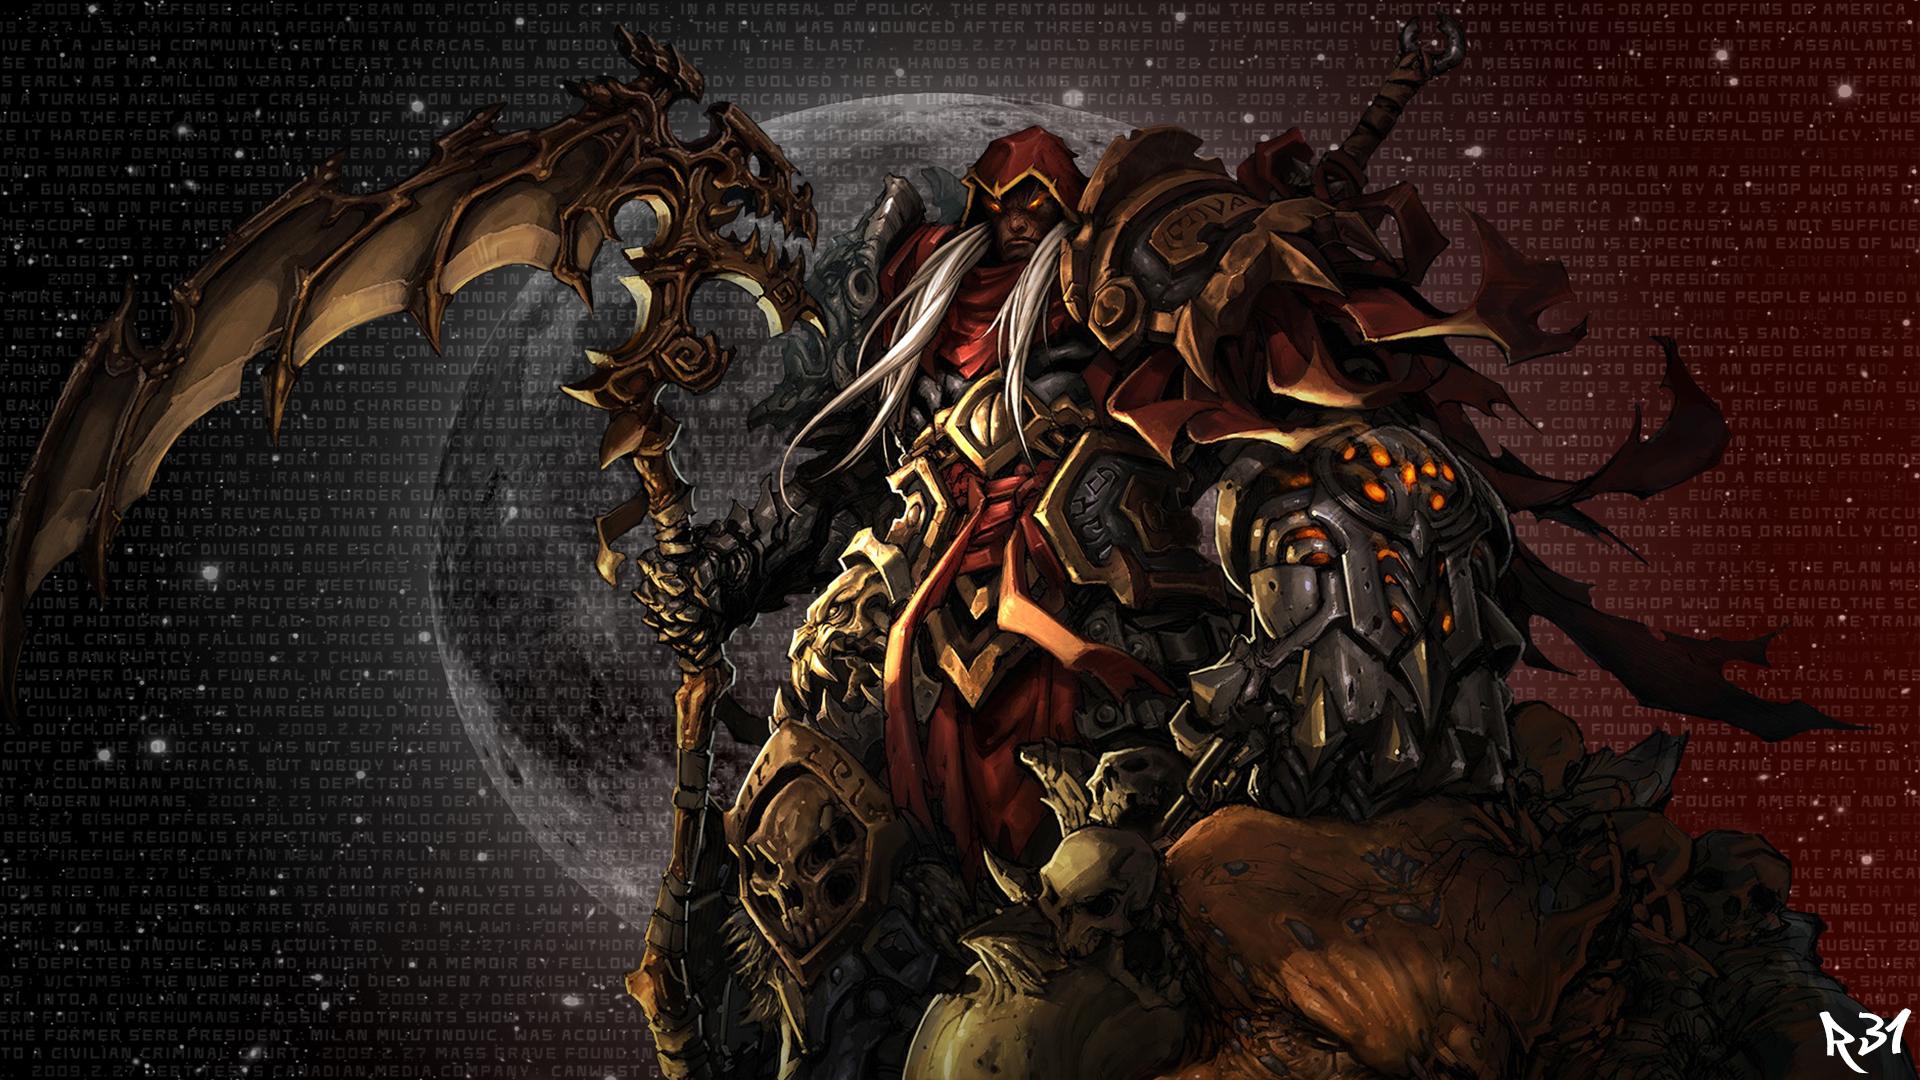 Darksiders Wallpaper by MasterRei on DeviantArt